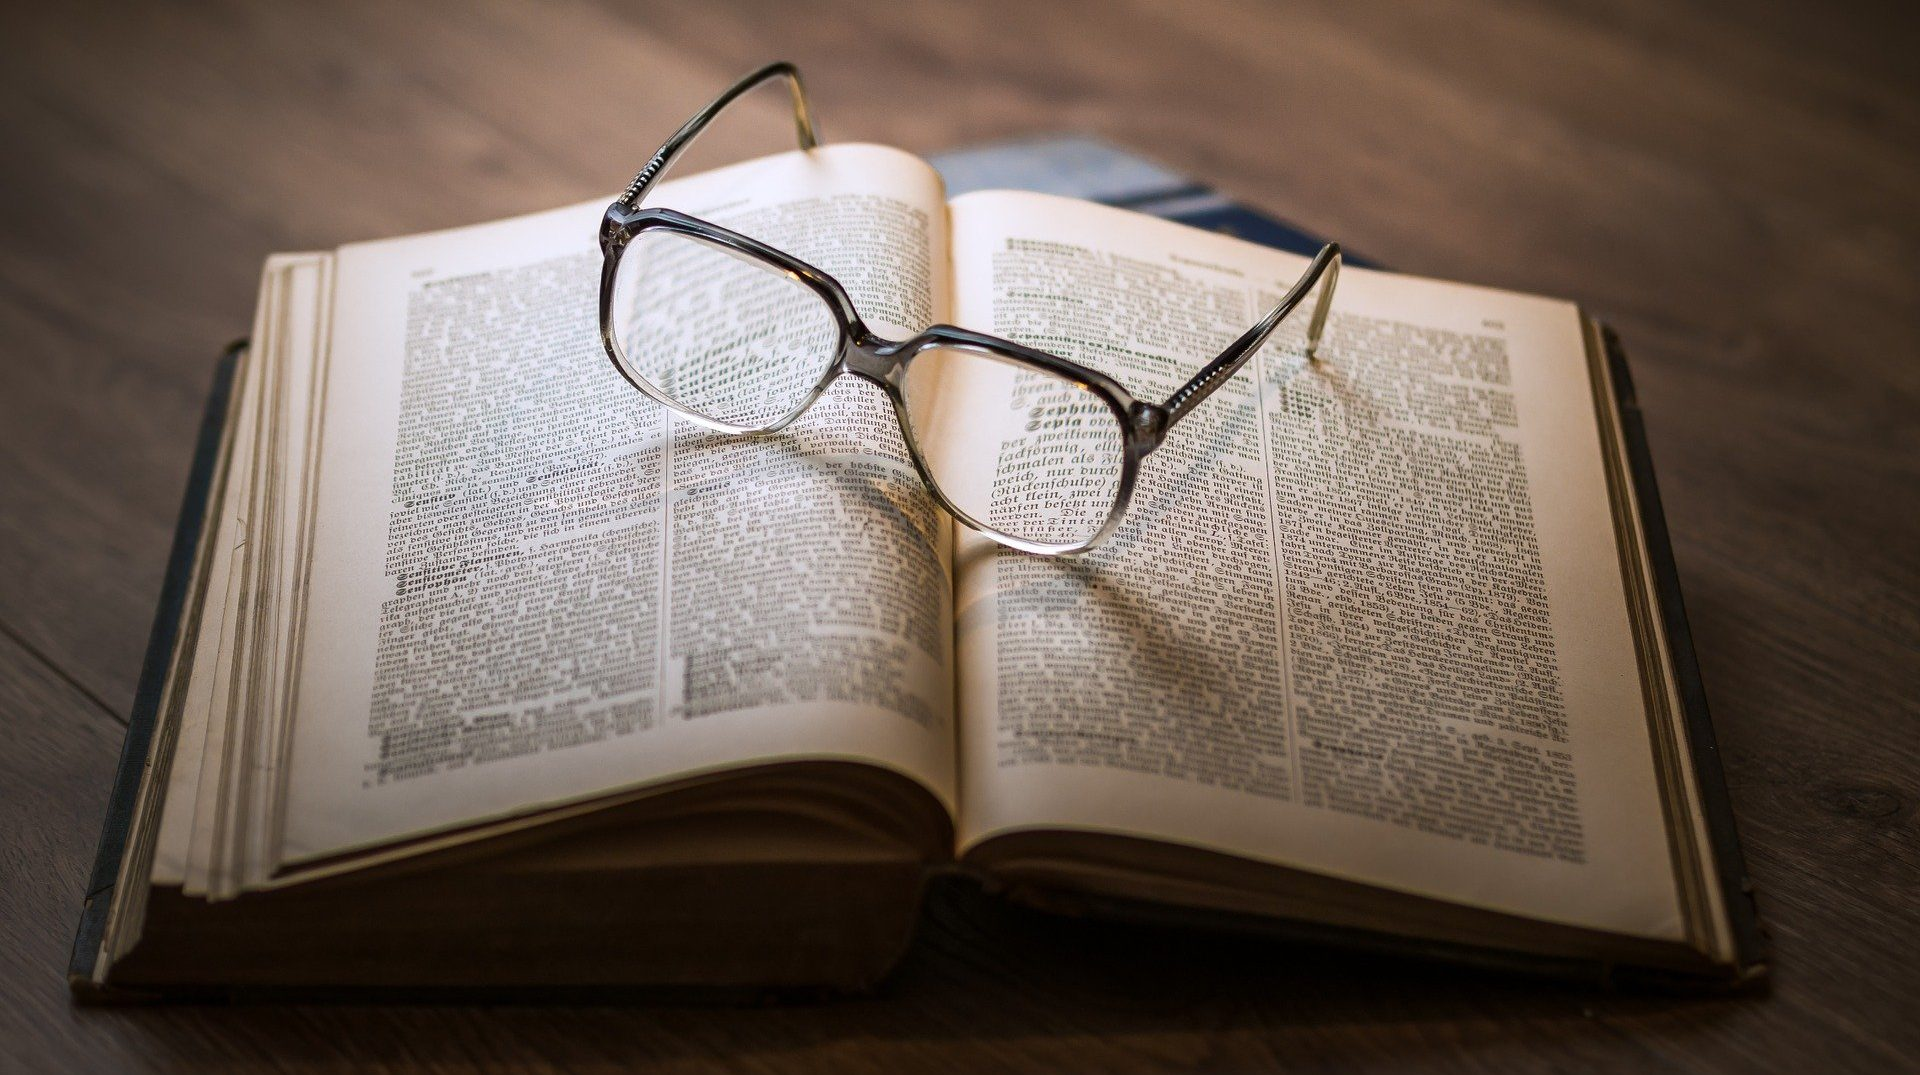 """Buchempfehlungen: """"Mit kühlem Kopf"""" von Bernward Gesang und """"Der Delphi Code"""" von Thomas Pyczak"""